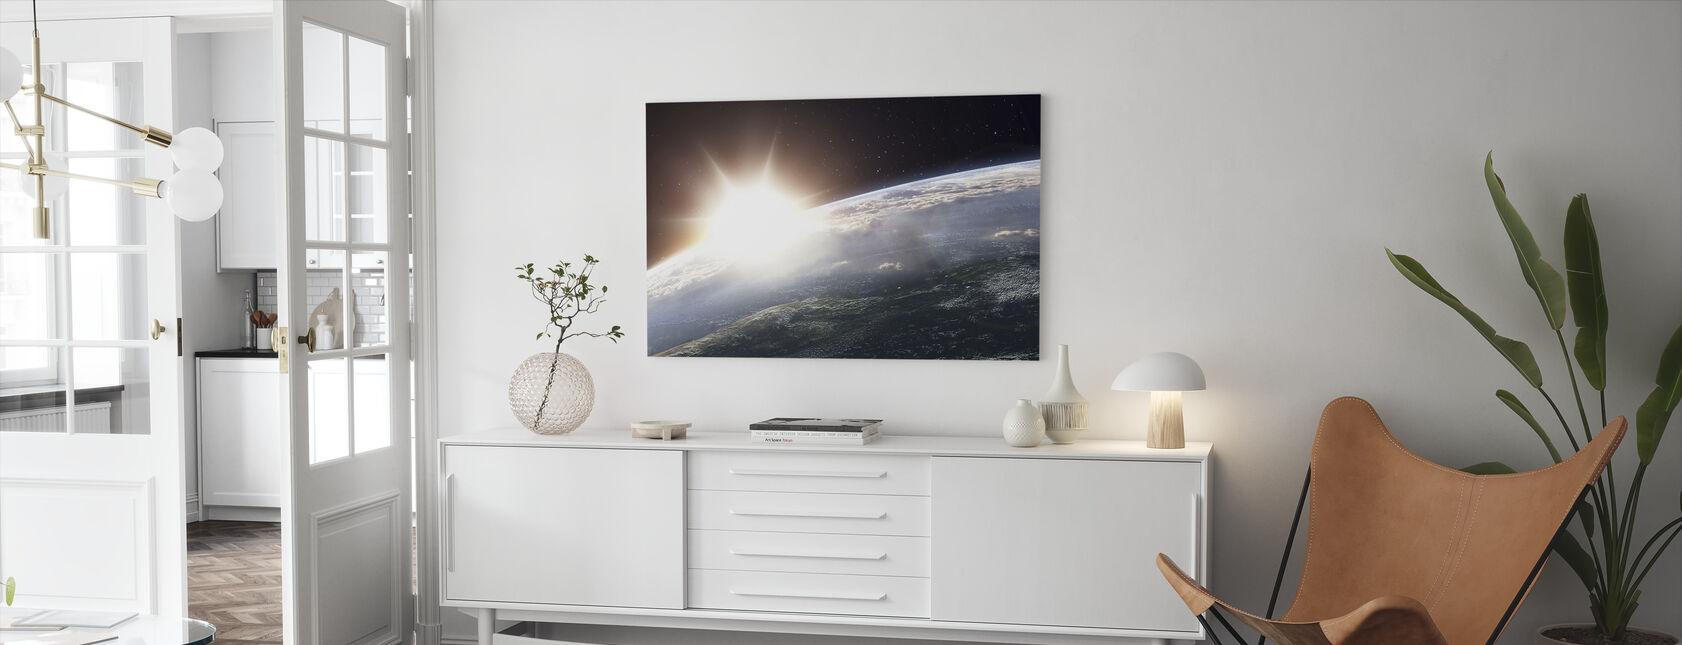 Aurinko yli maan - Canvastaulu - Olohuone